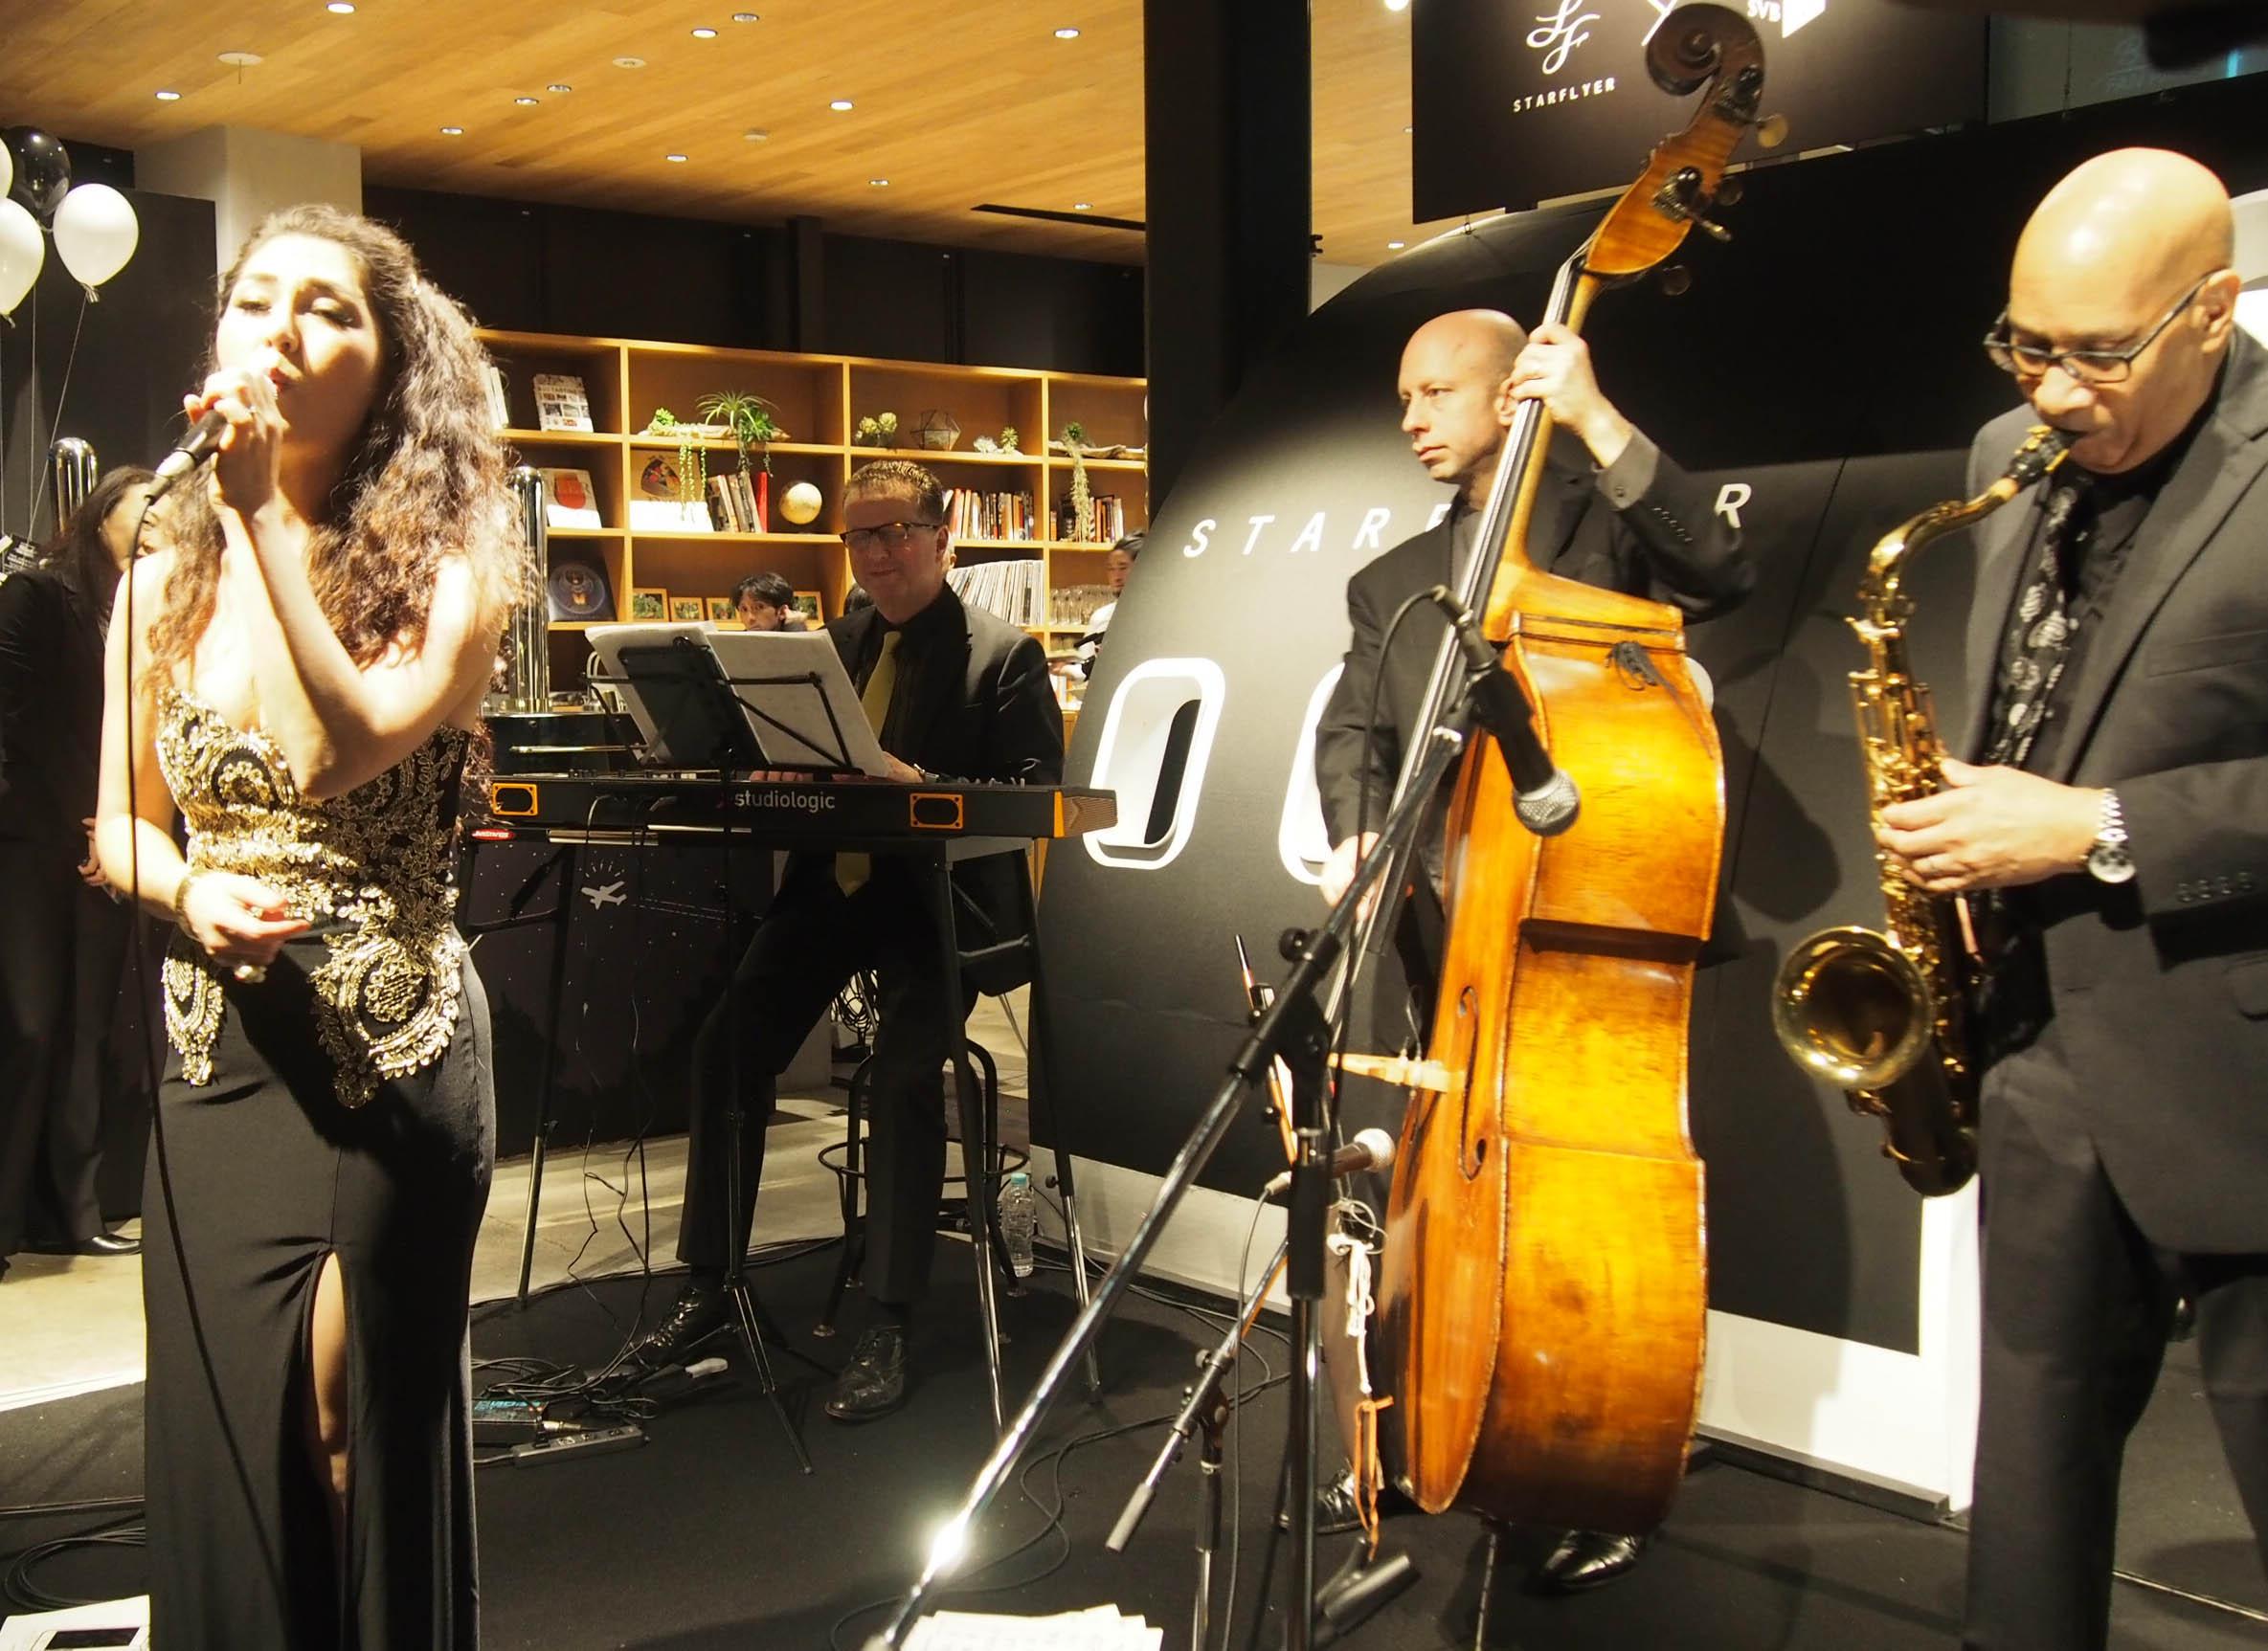 外国人シンガー・ミュージシャン アカデミア Jazz band の写真2